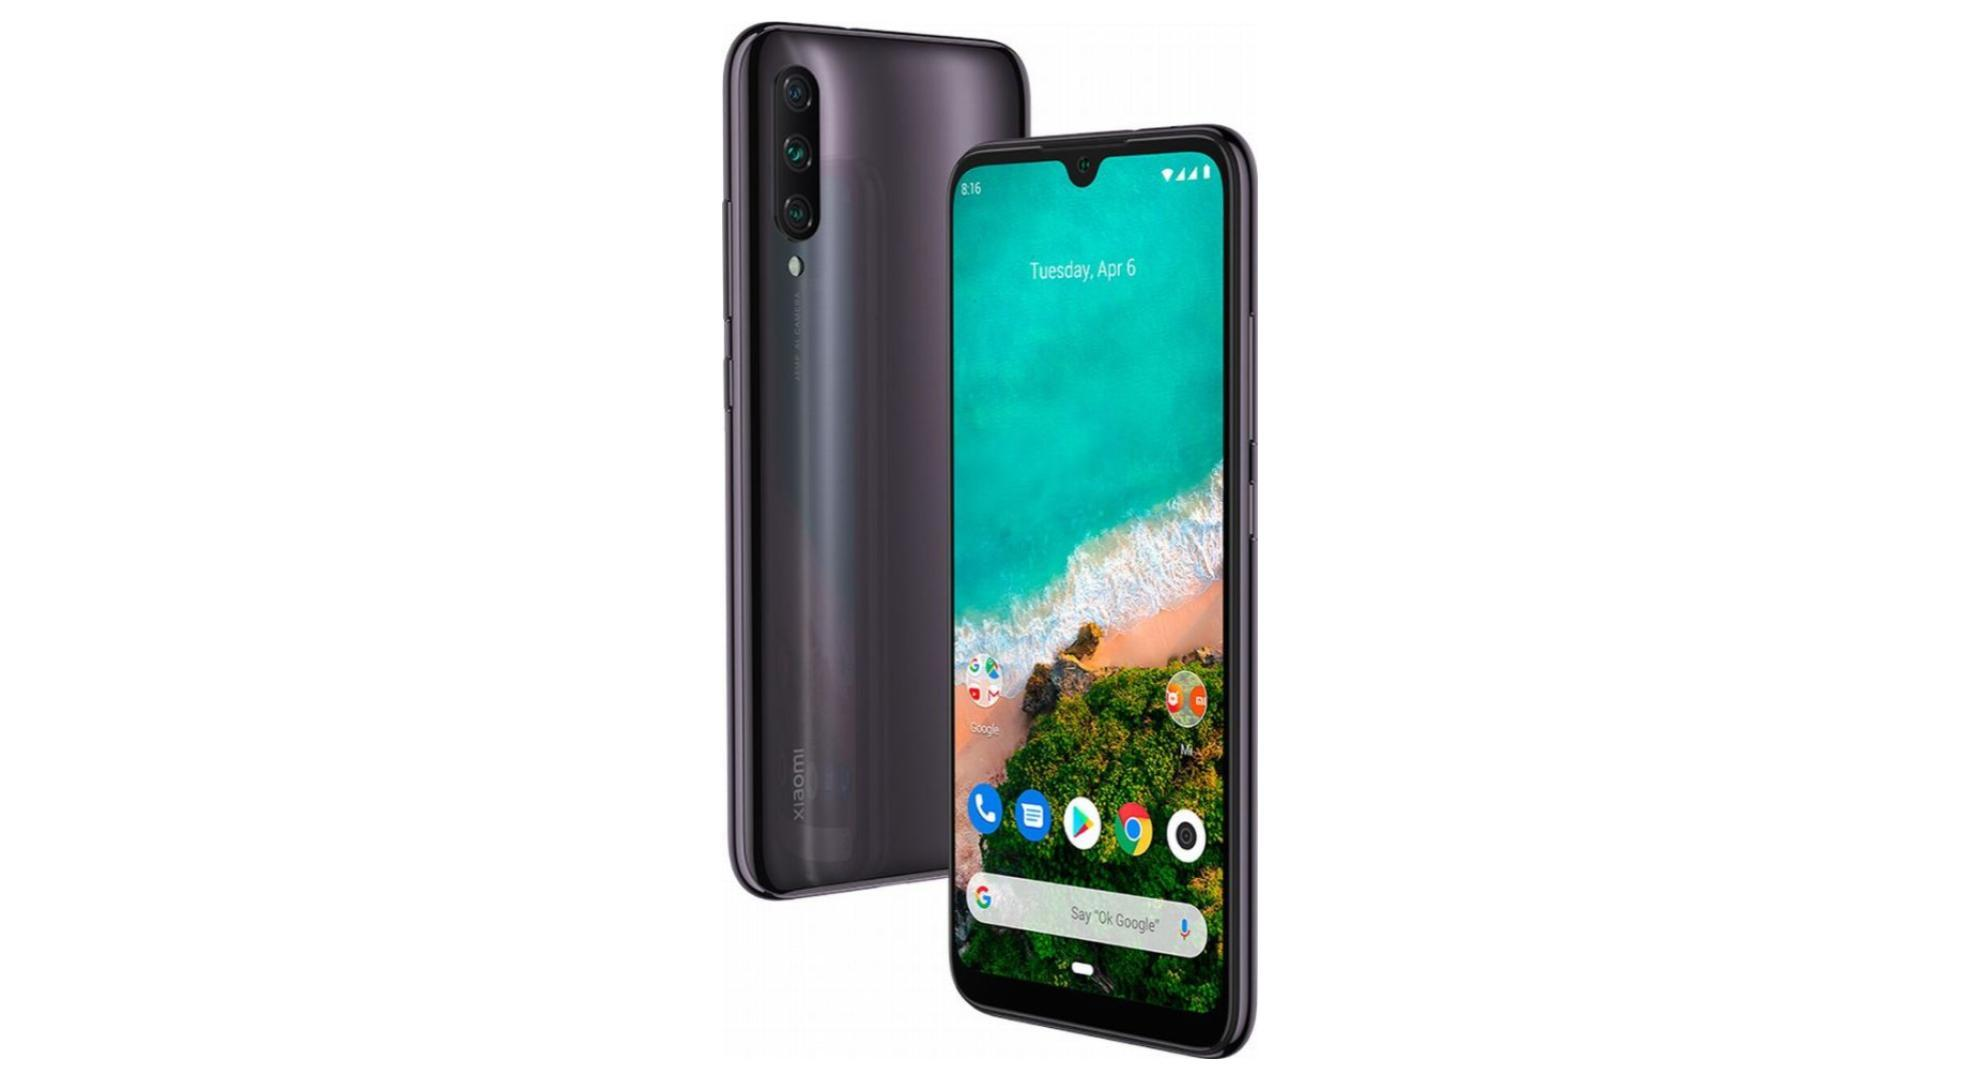 Où acheter le Xiaomi Mi A3 au meilleur prix en 2019 ? Toutes les offres